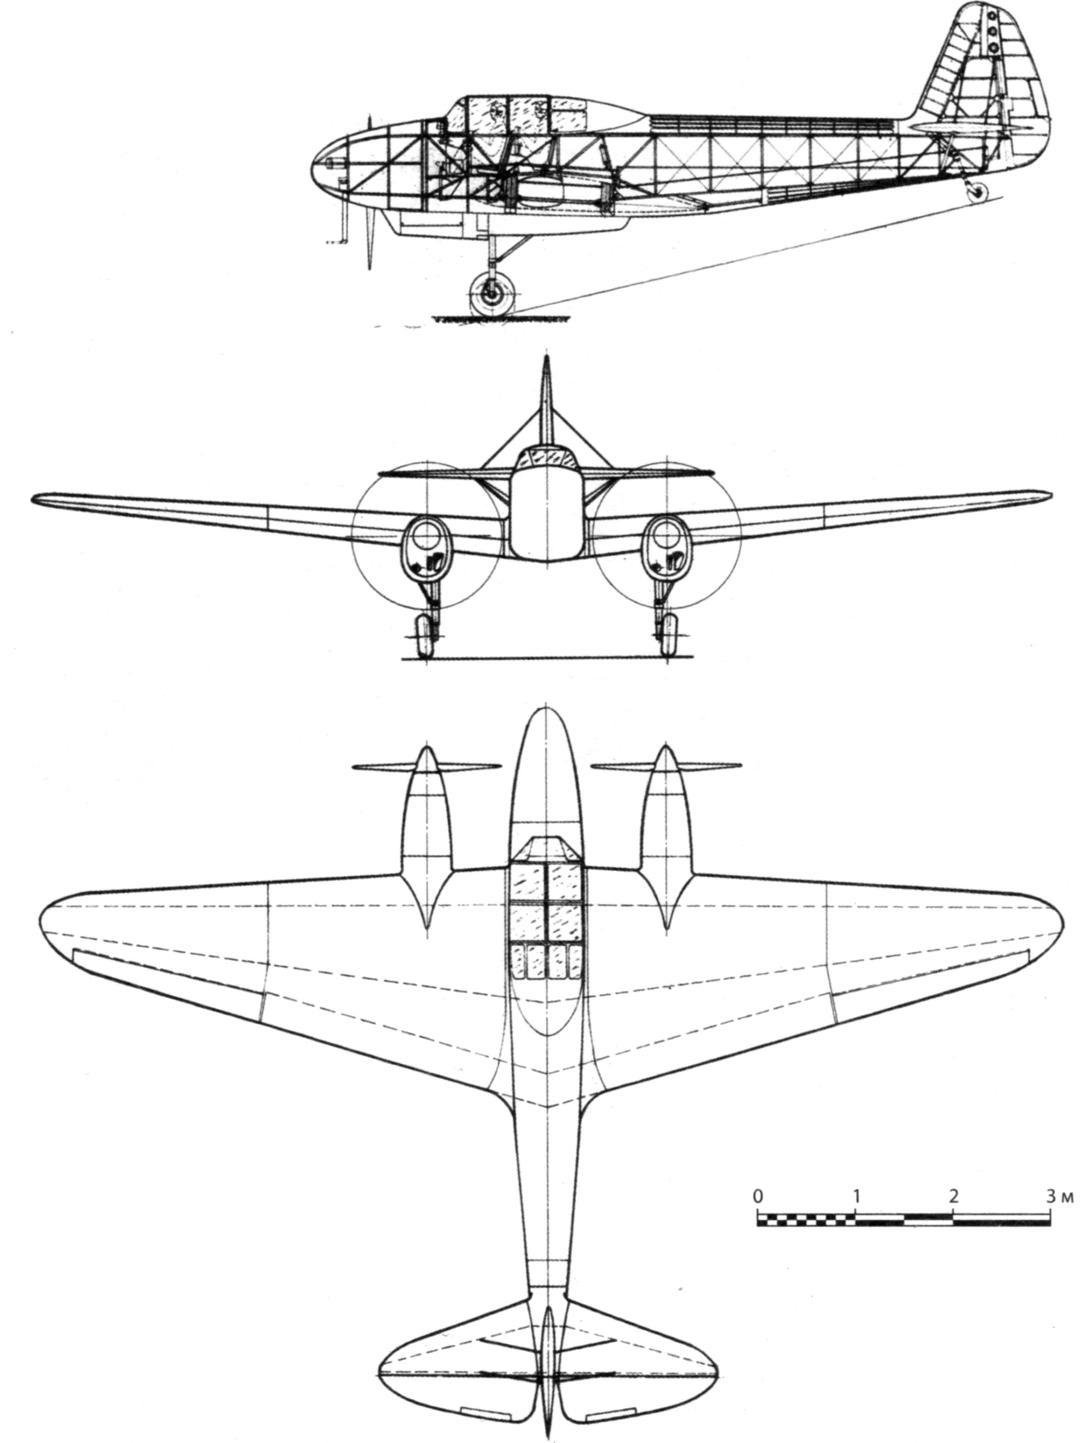 Компоновка двухместного варианта УТ-3 (№ 17а) и общий вид самолёта № 17а с двигателями МВ-6